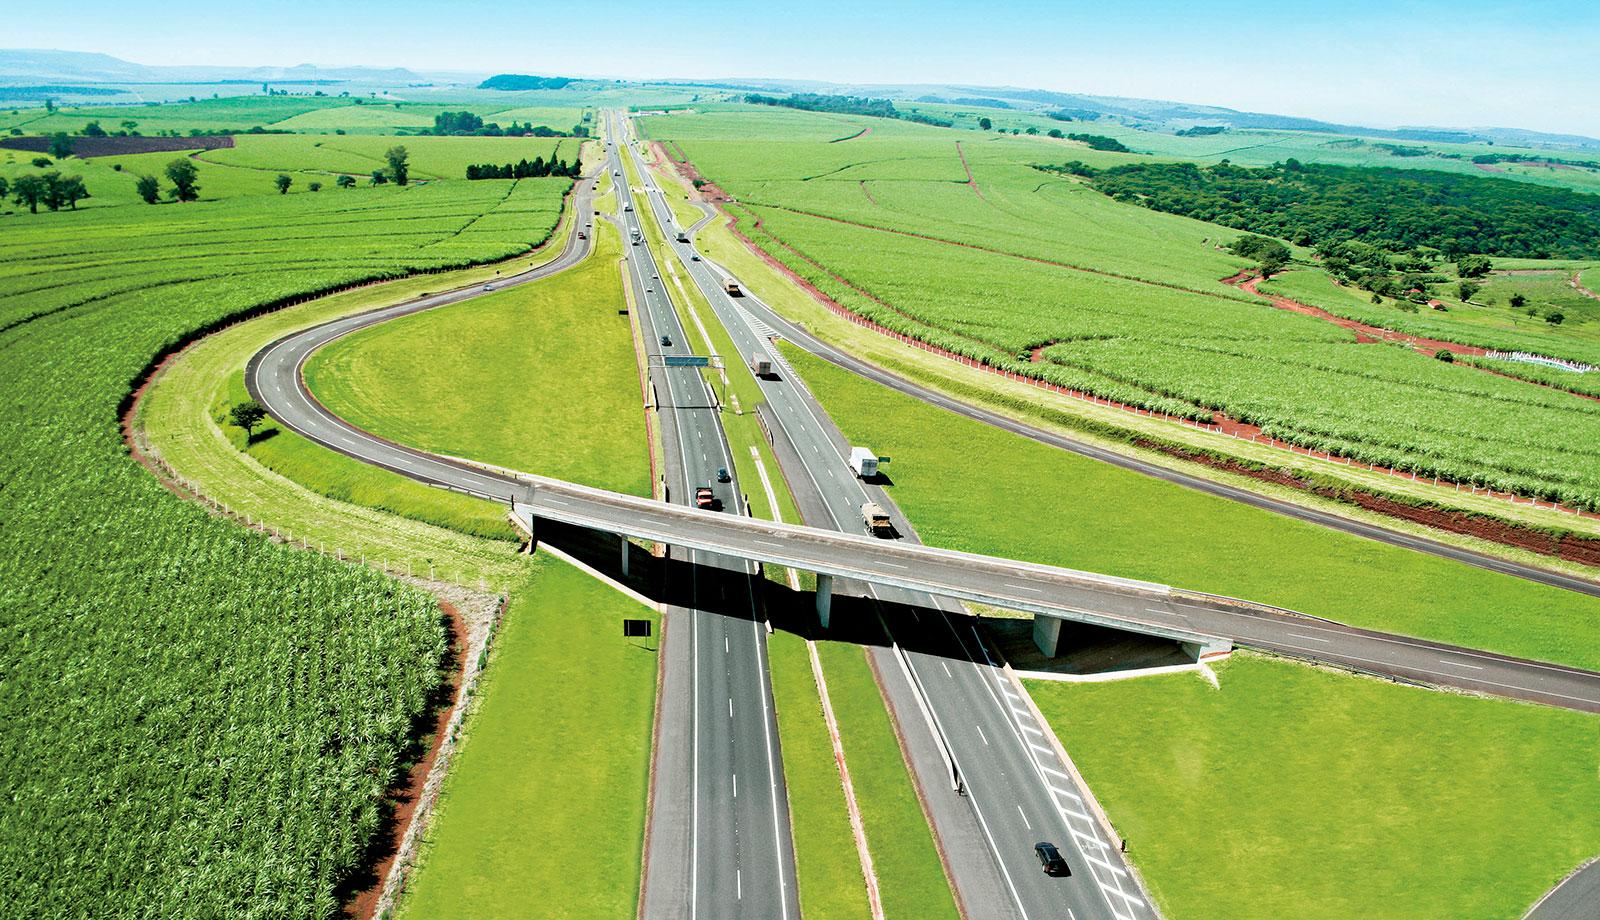 La gestión eficiente de las infraestructuras, clave para una movilidad sostenible